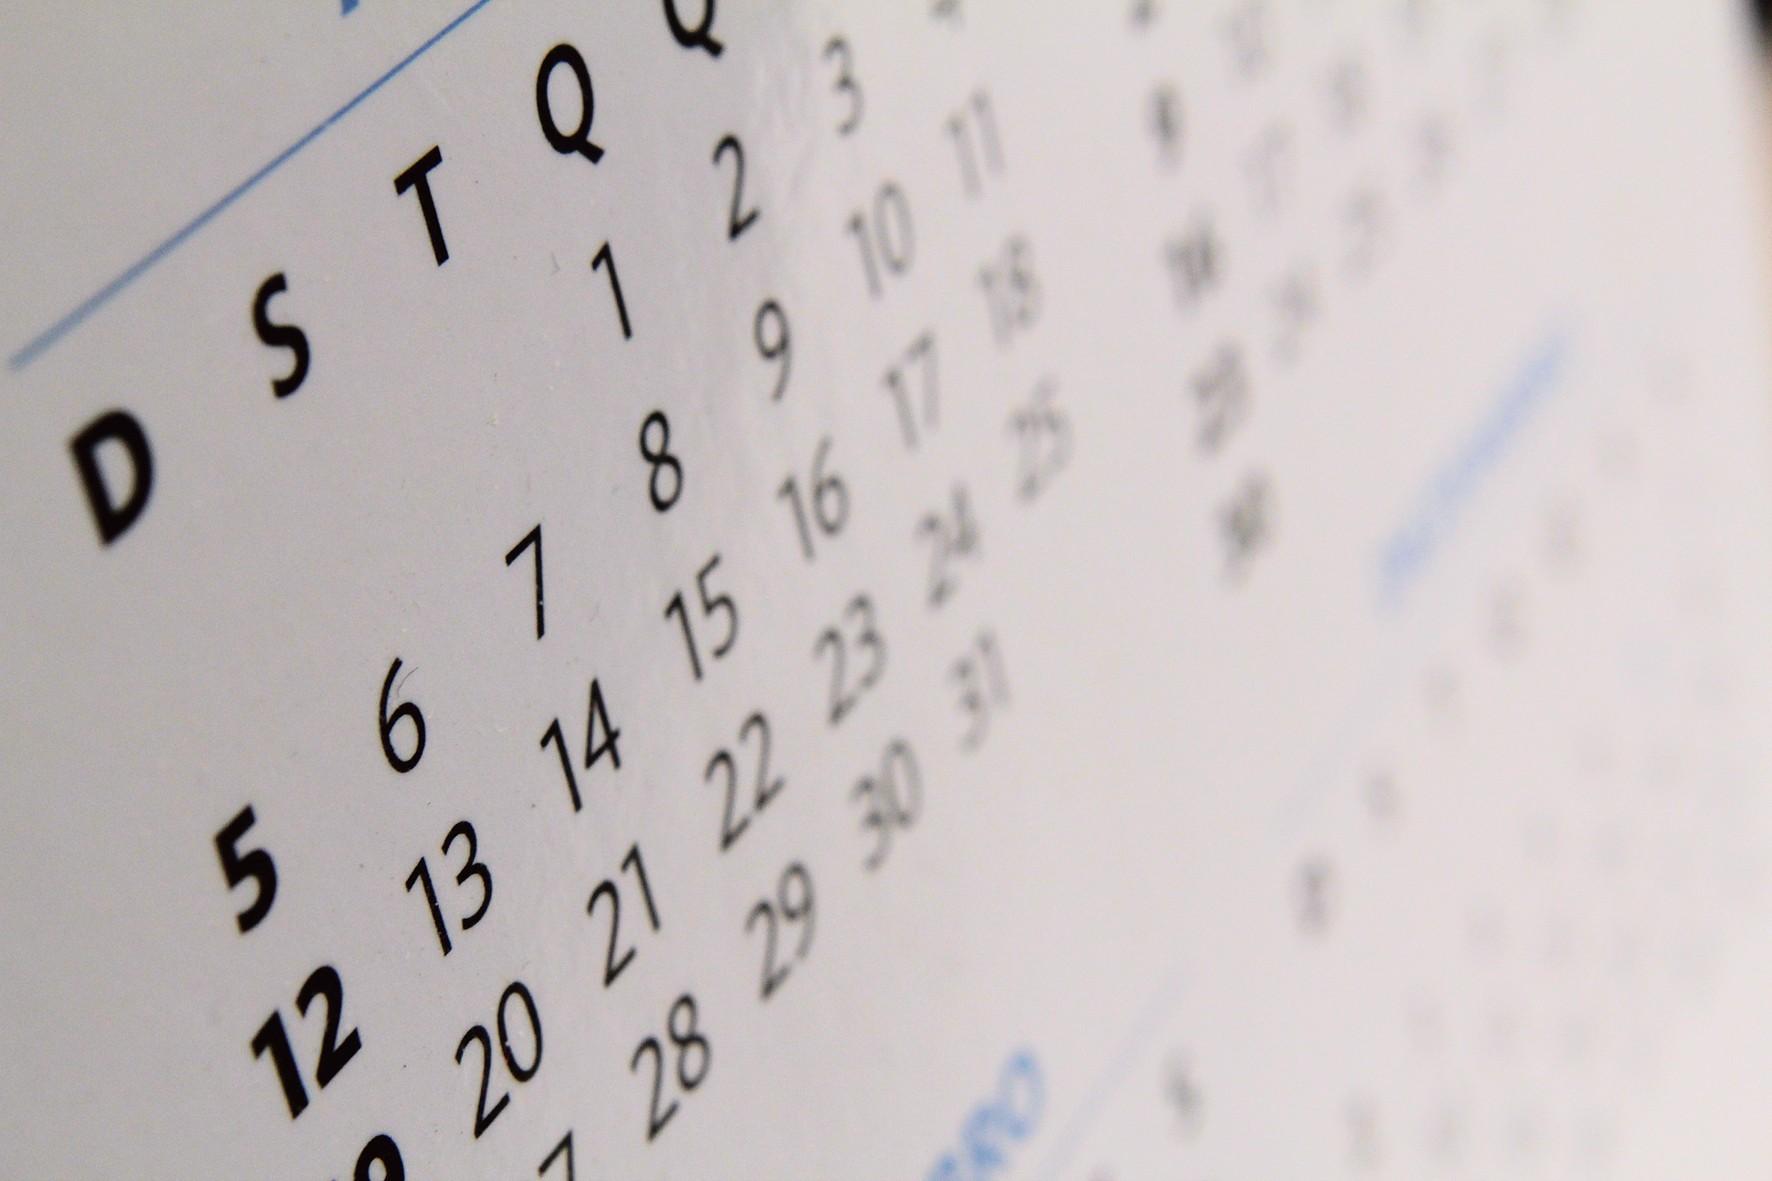 Calendario Para Imprimir 2019 Janeiro Recientes Divulga§£o Do Calendário Do Vestibular Fuvest 2019 – Fuvest Of Calendario Para Imprimir 2019 Janeiro Actual 2019 2018 Calendar Printable with Holidays List Kalender Kalendar